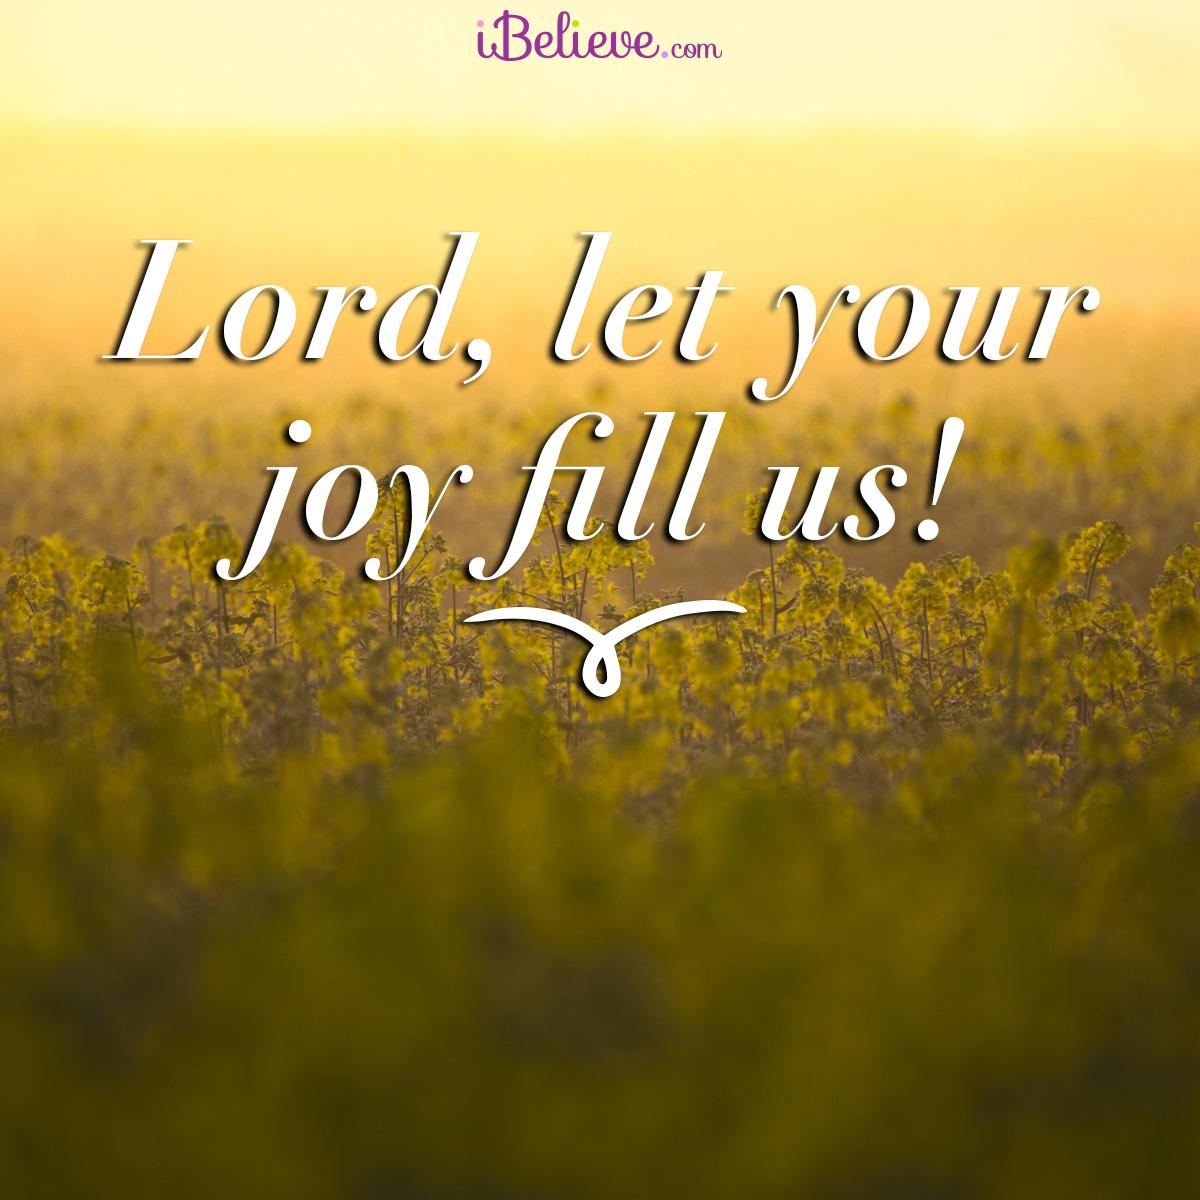 joy-fill-us-sq